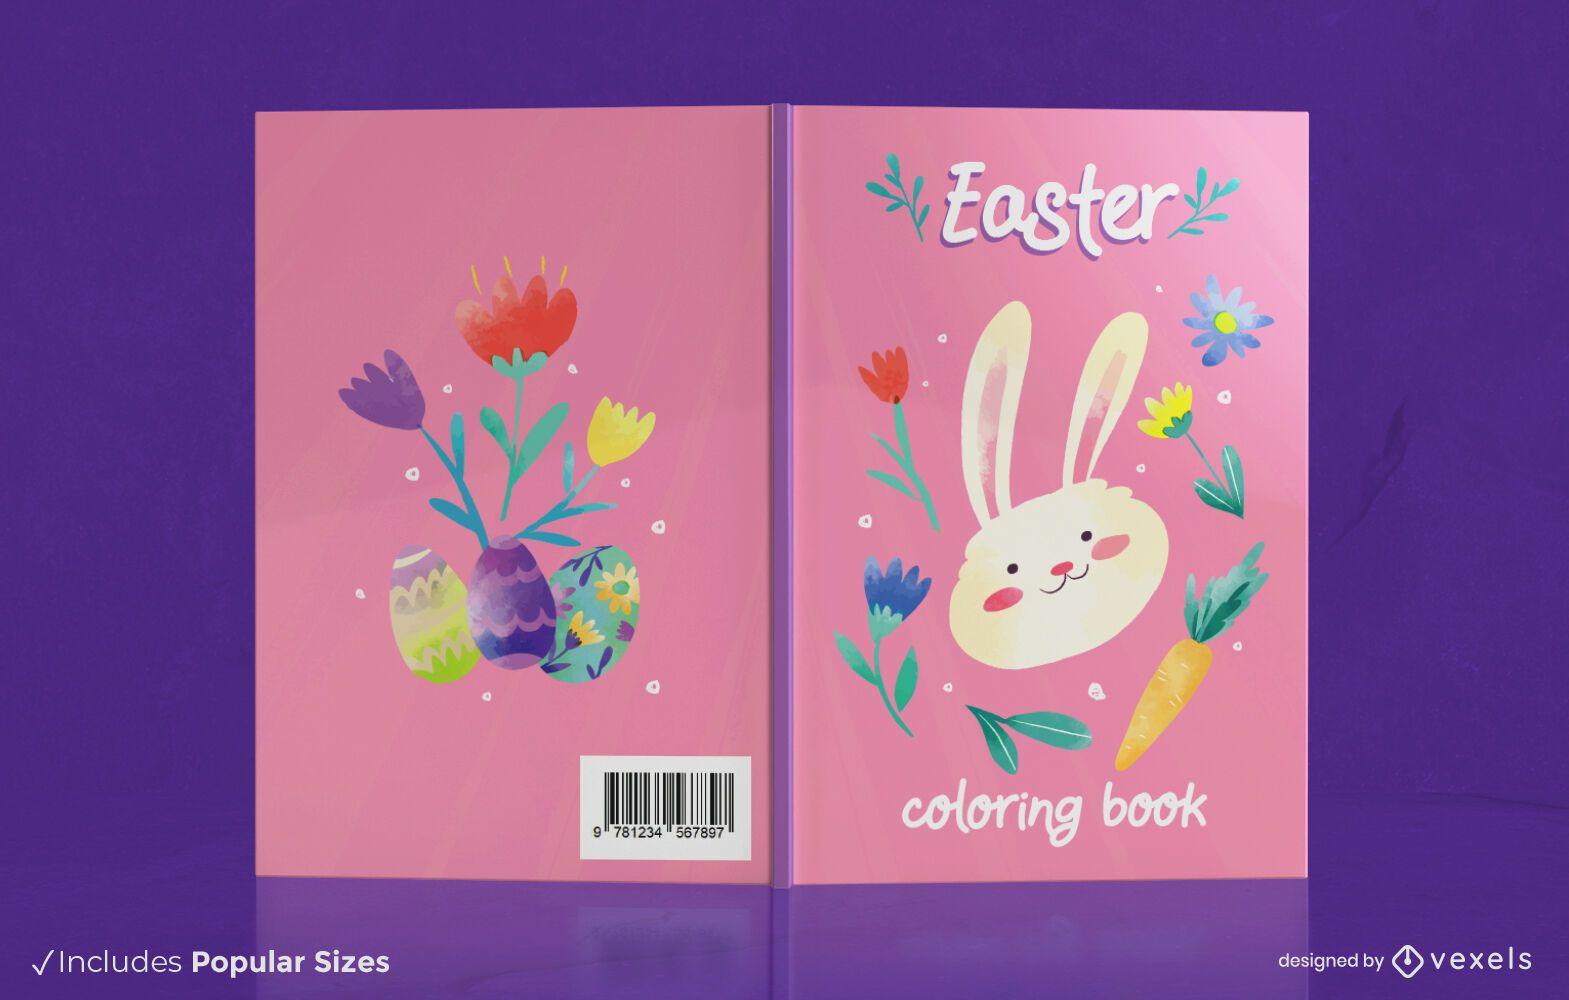 Dise?o de portada de libro para colorear de Pascua